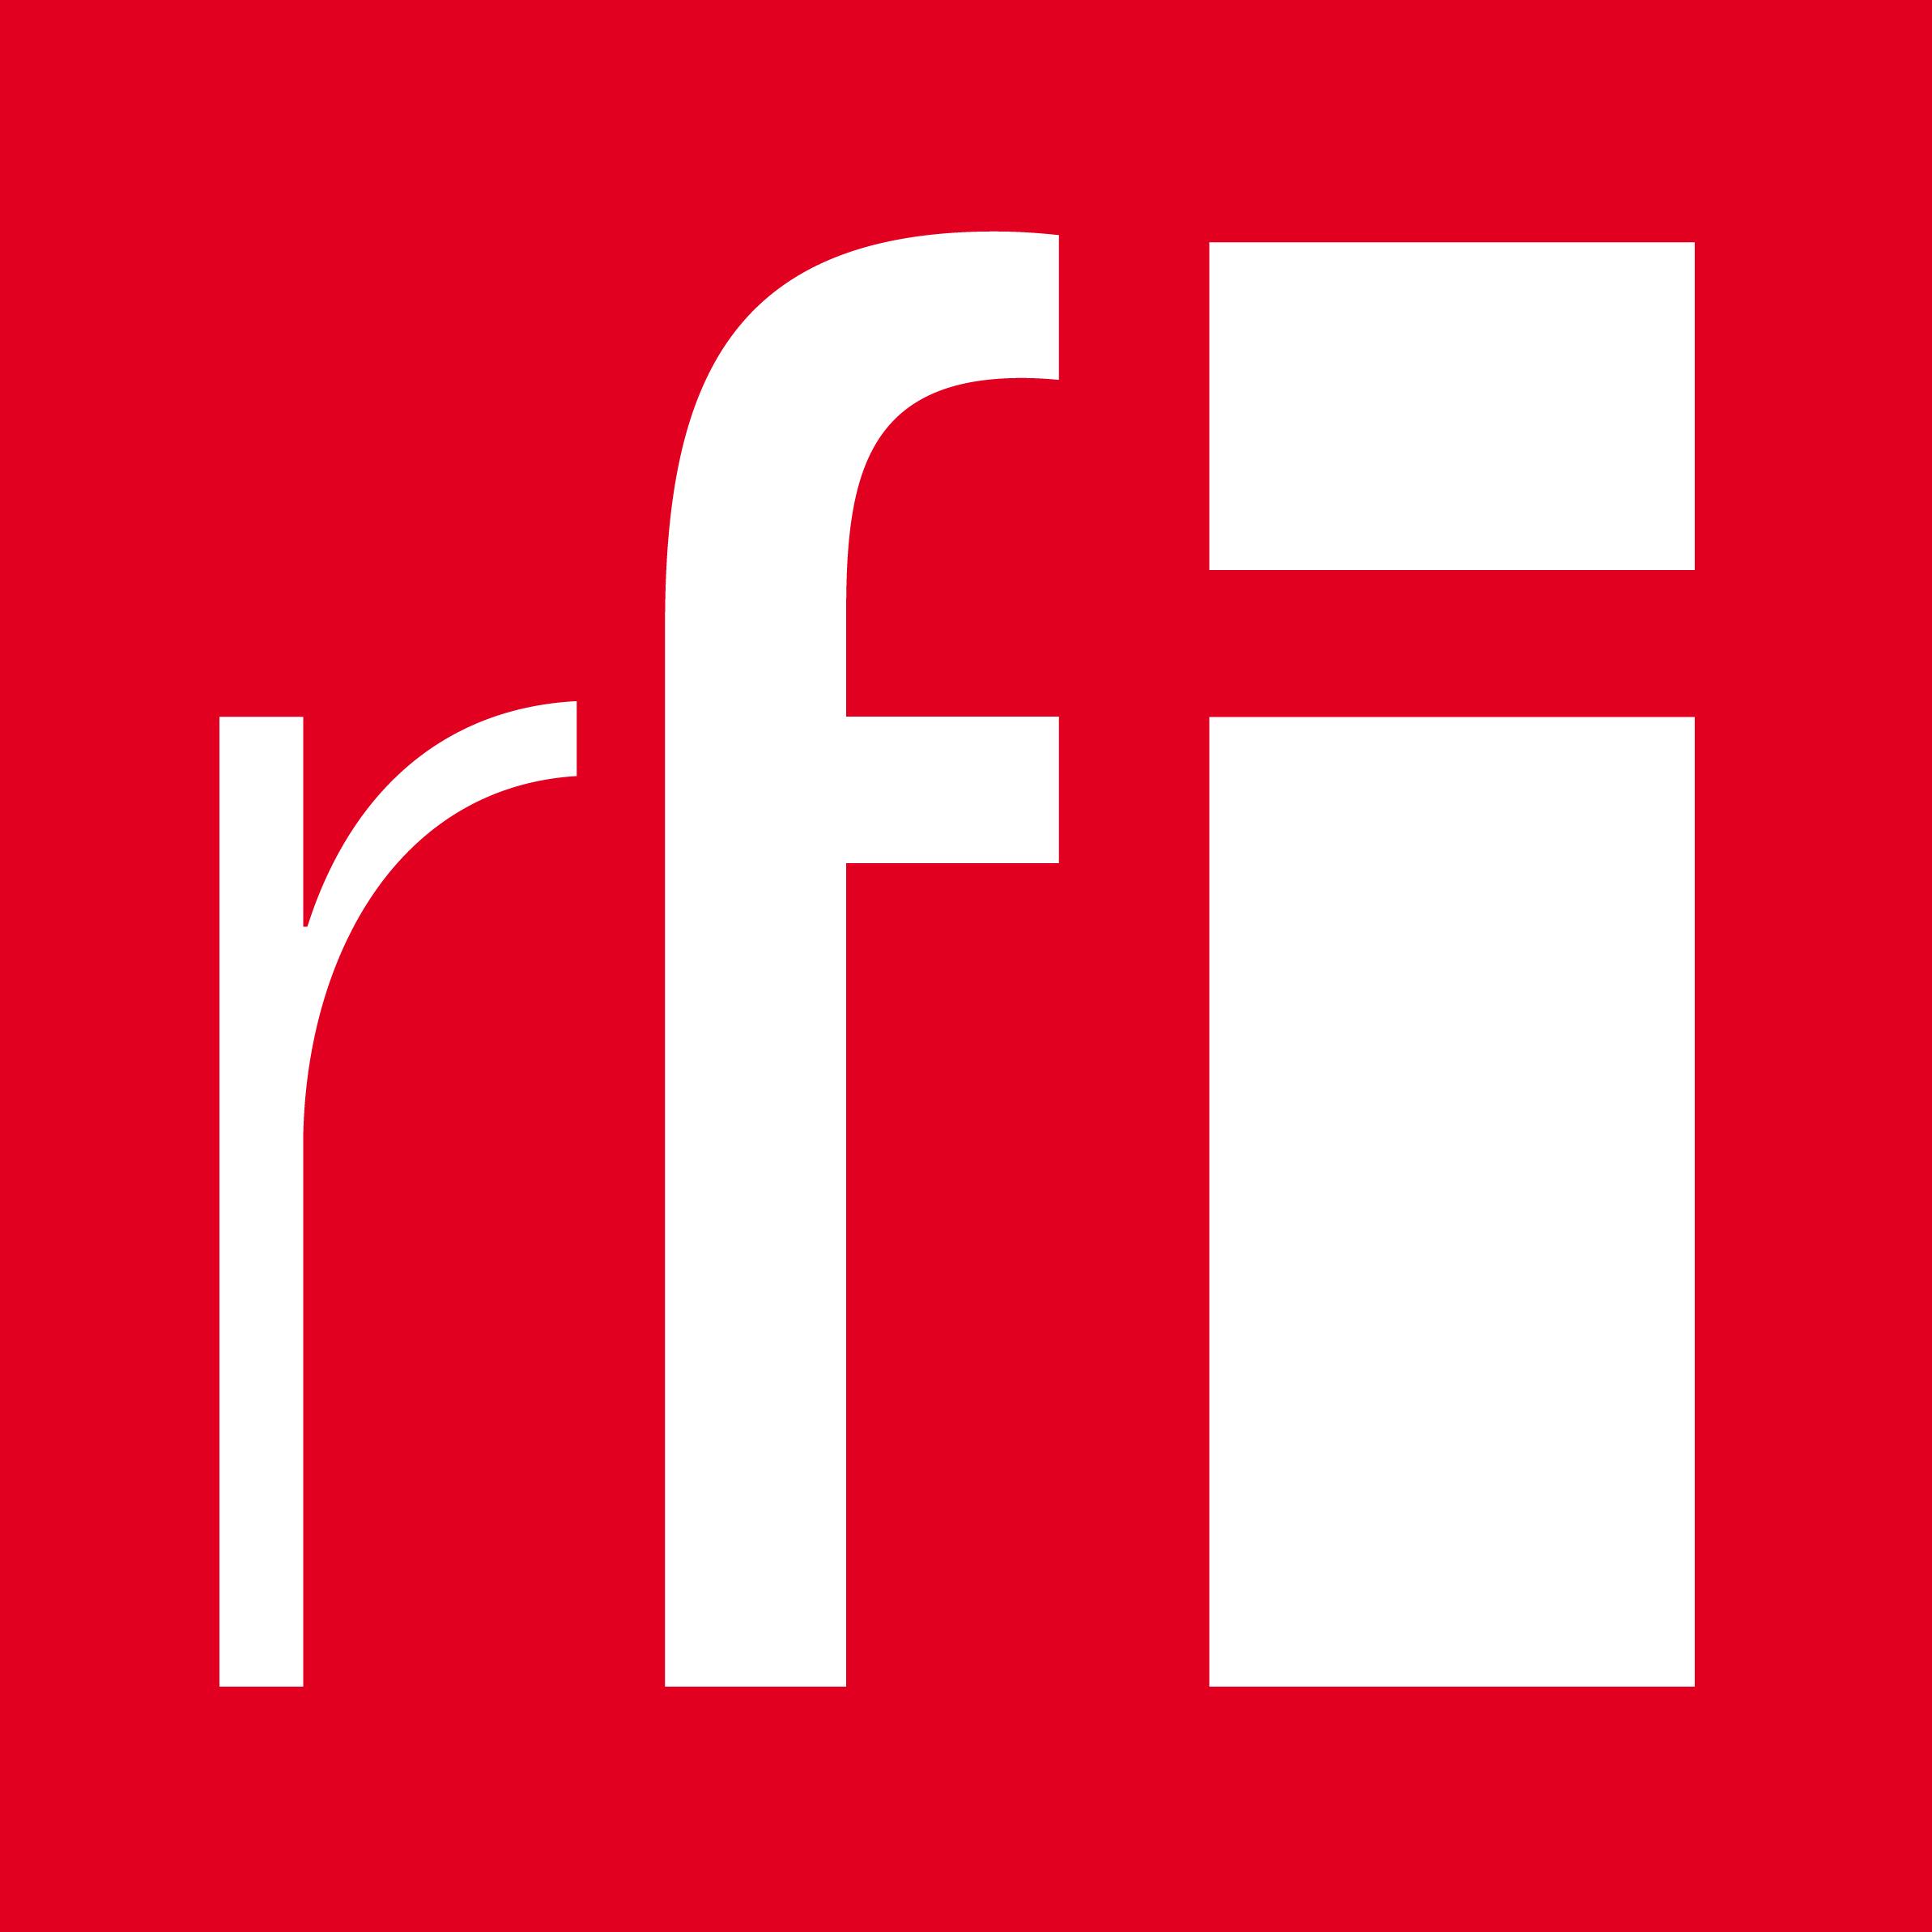 [Radio] ¿Qué es el Digital Labor? (RFI, 16 oct. 2015)